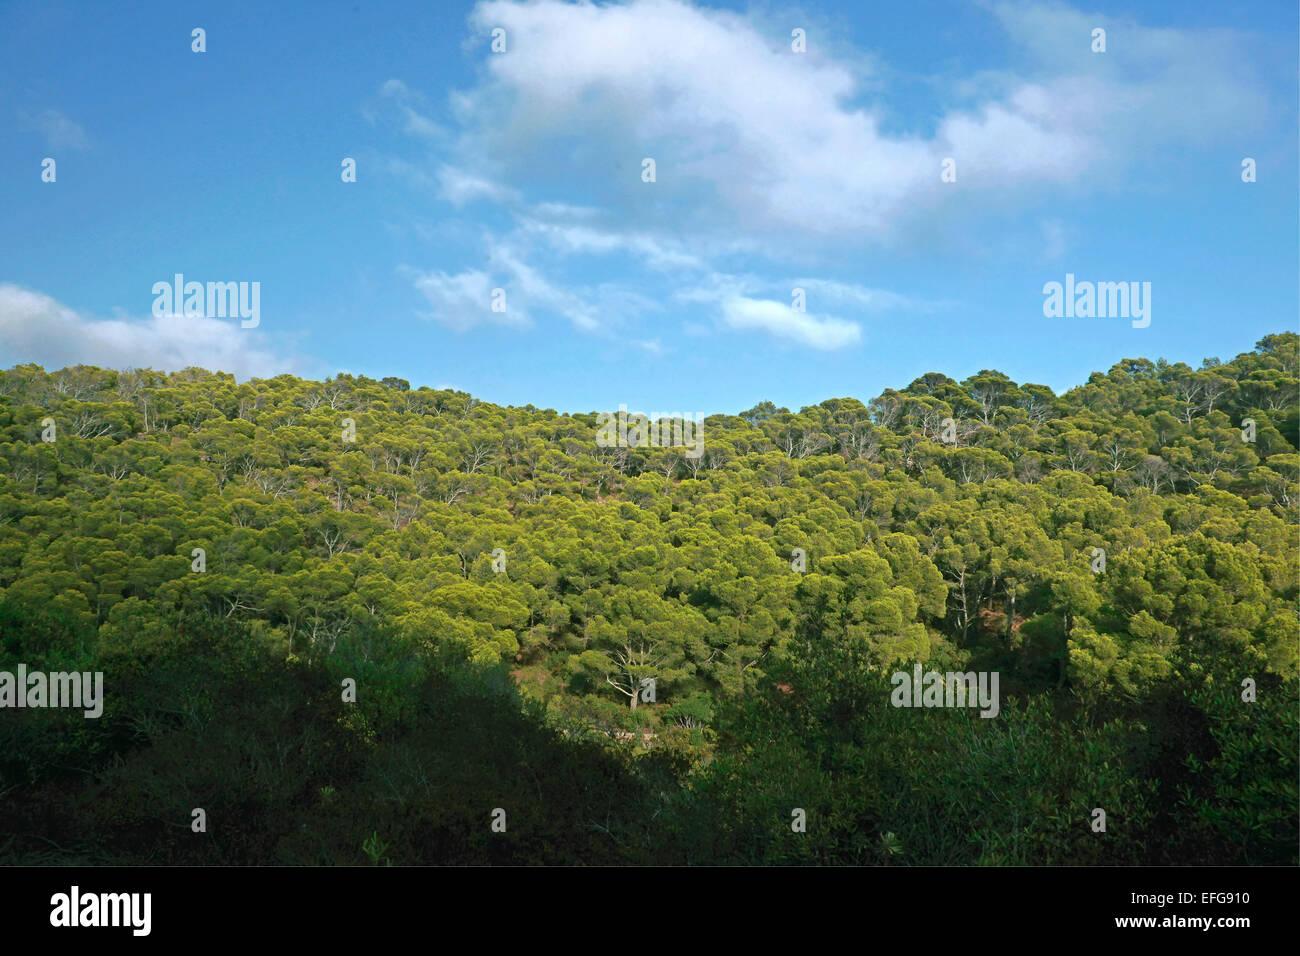 Pinewood of Aleppo Pine or Jerusalem Pine ( Pinus halepensis) Sardinia - Stock Image